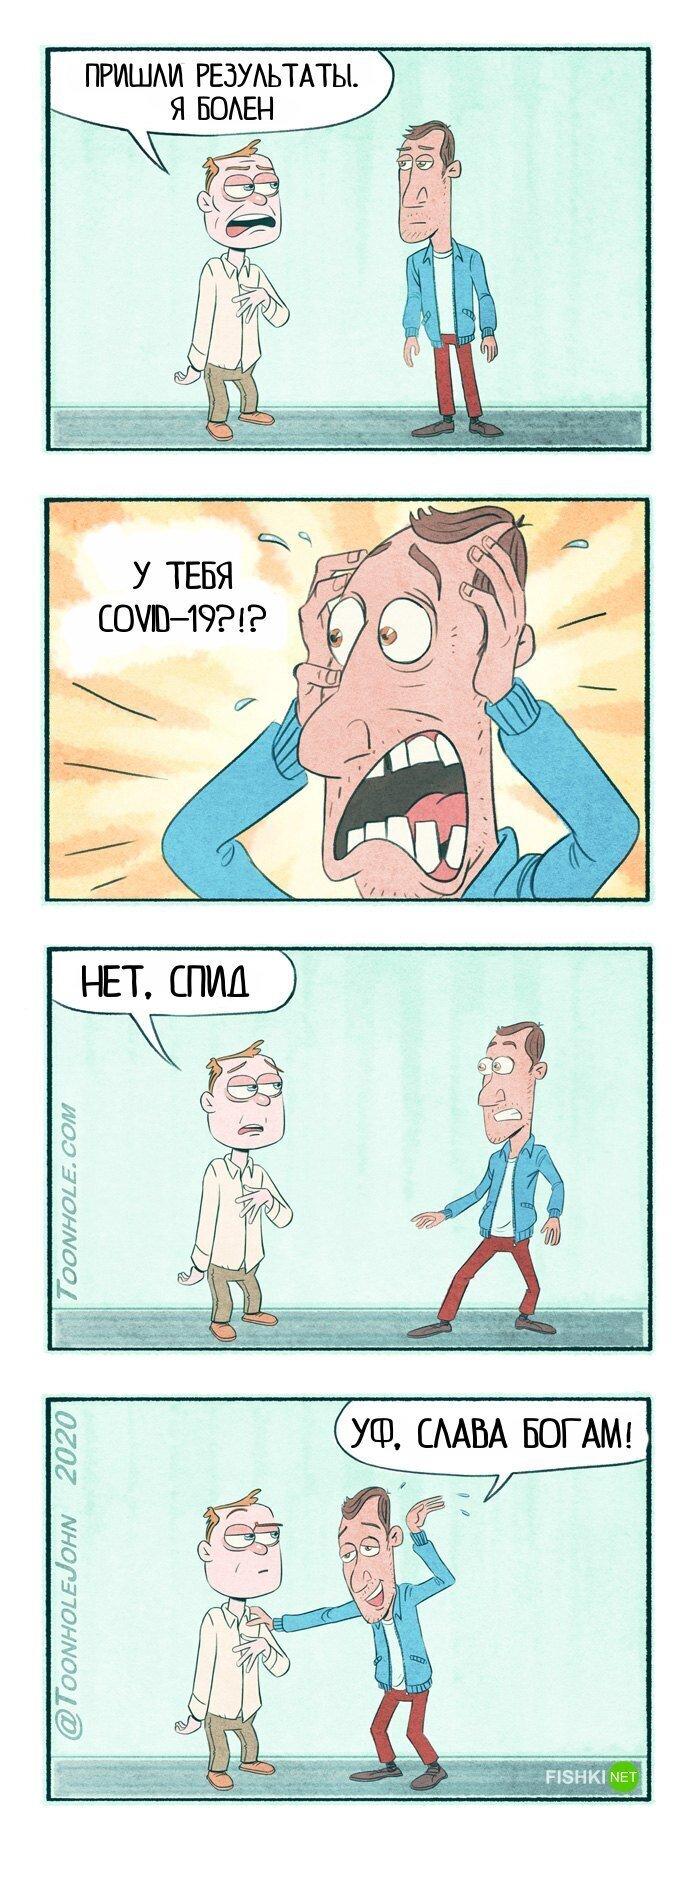 Умный юмор (смеемся, но со слезами на глазах) - Страница 5 9-1410